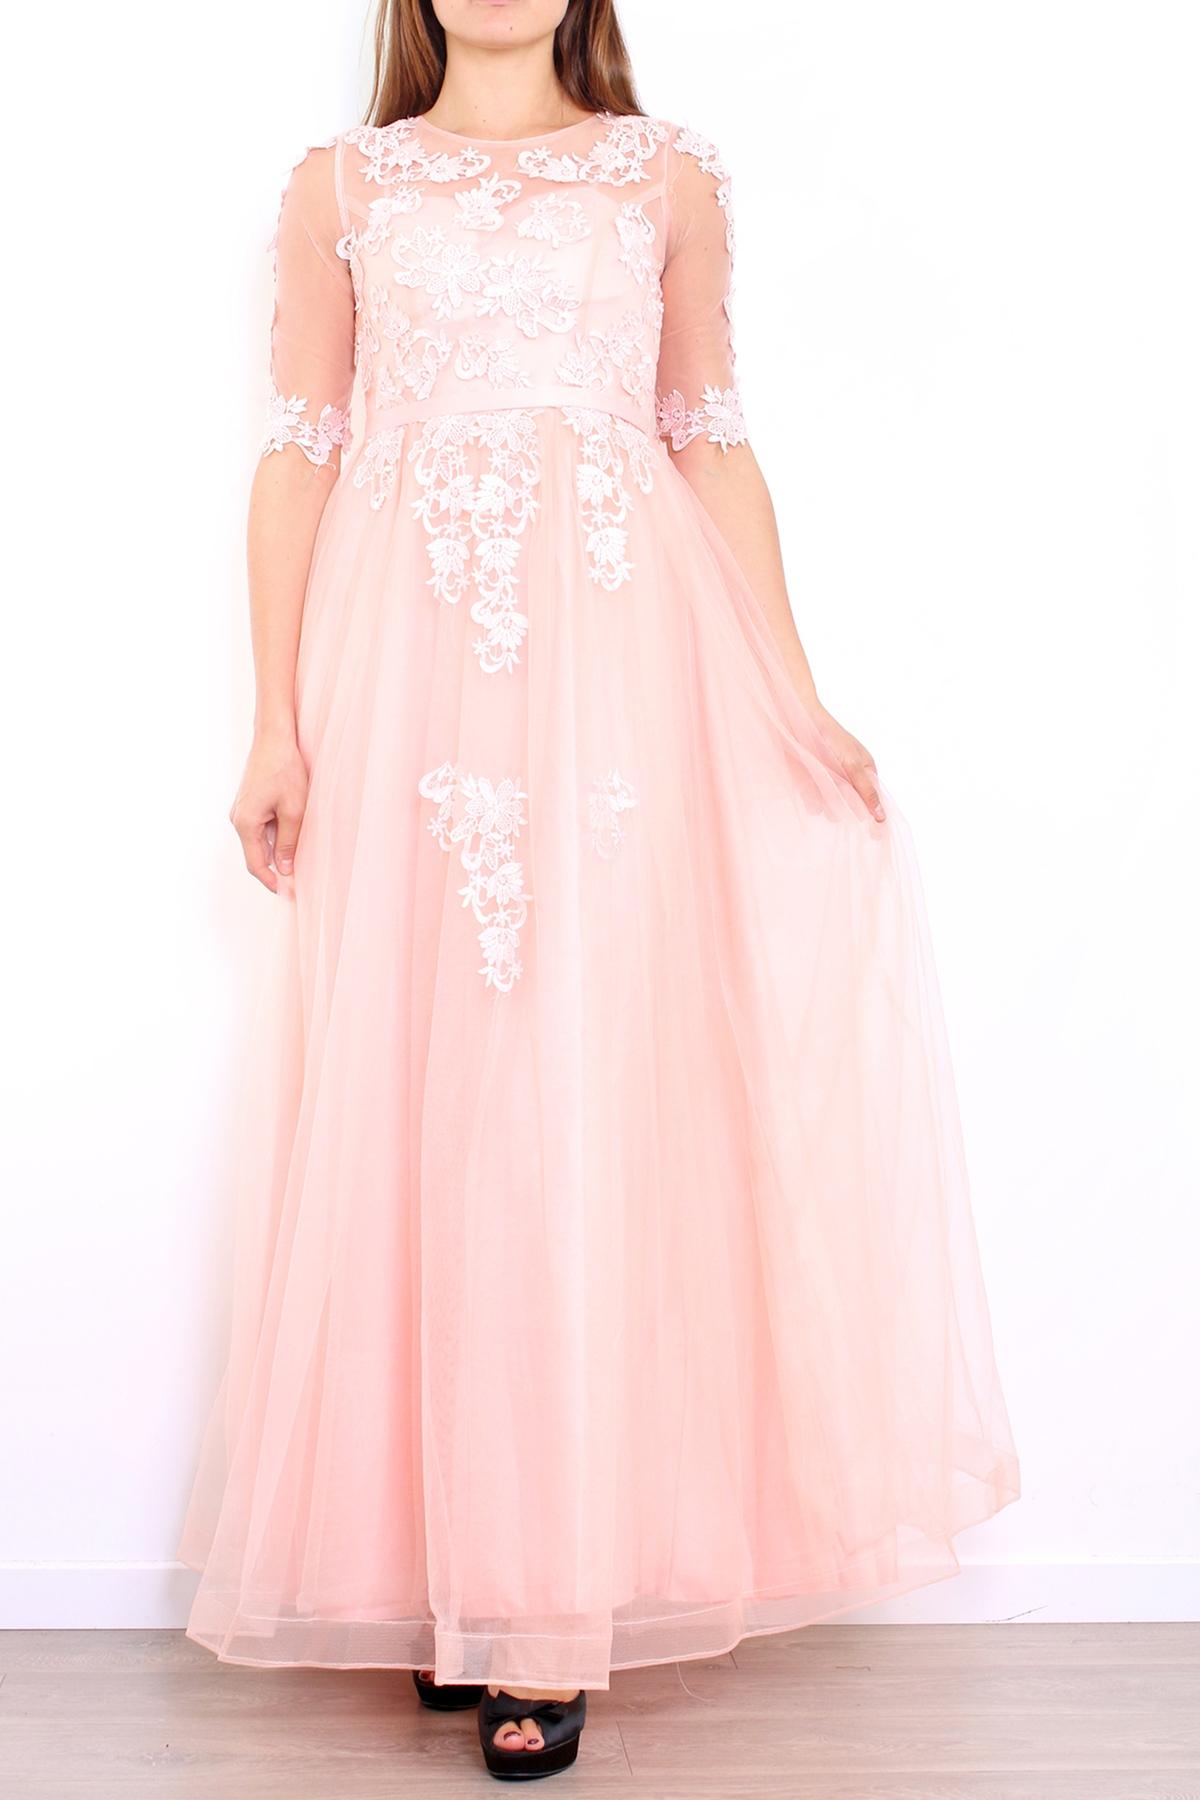 9b5082dc50 Jasno różowa długa suknia z gipiurową koronką z rękawkami